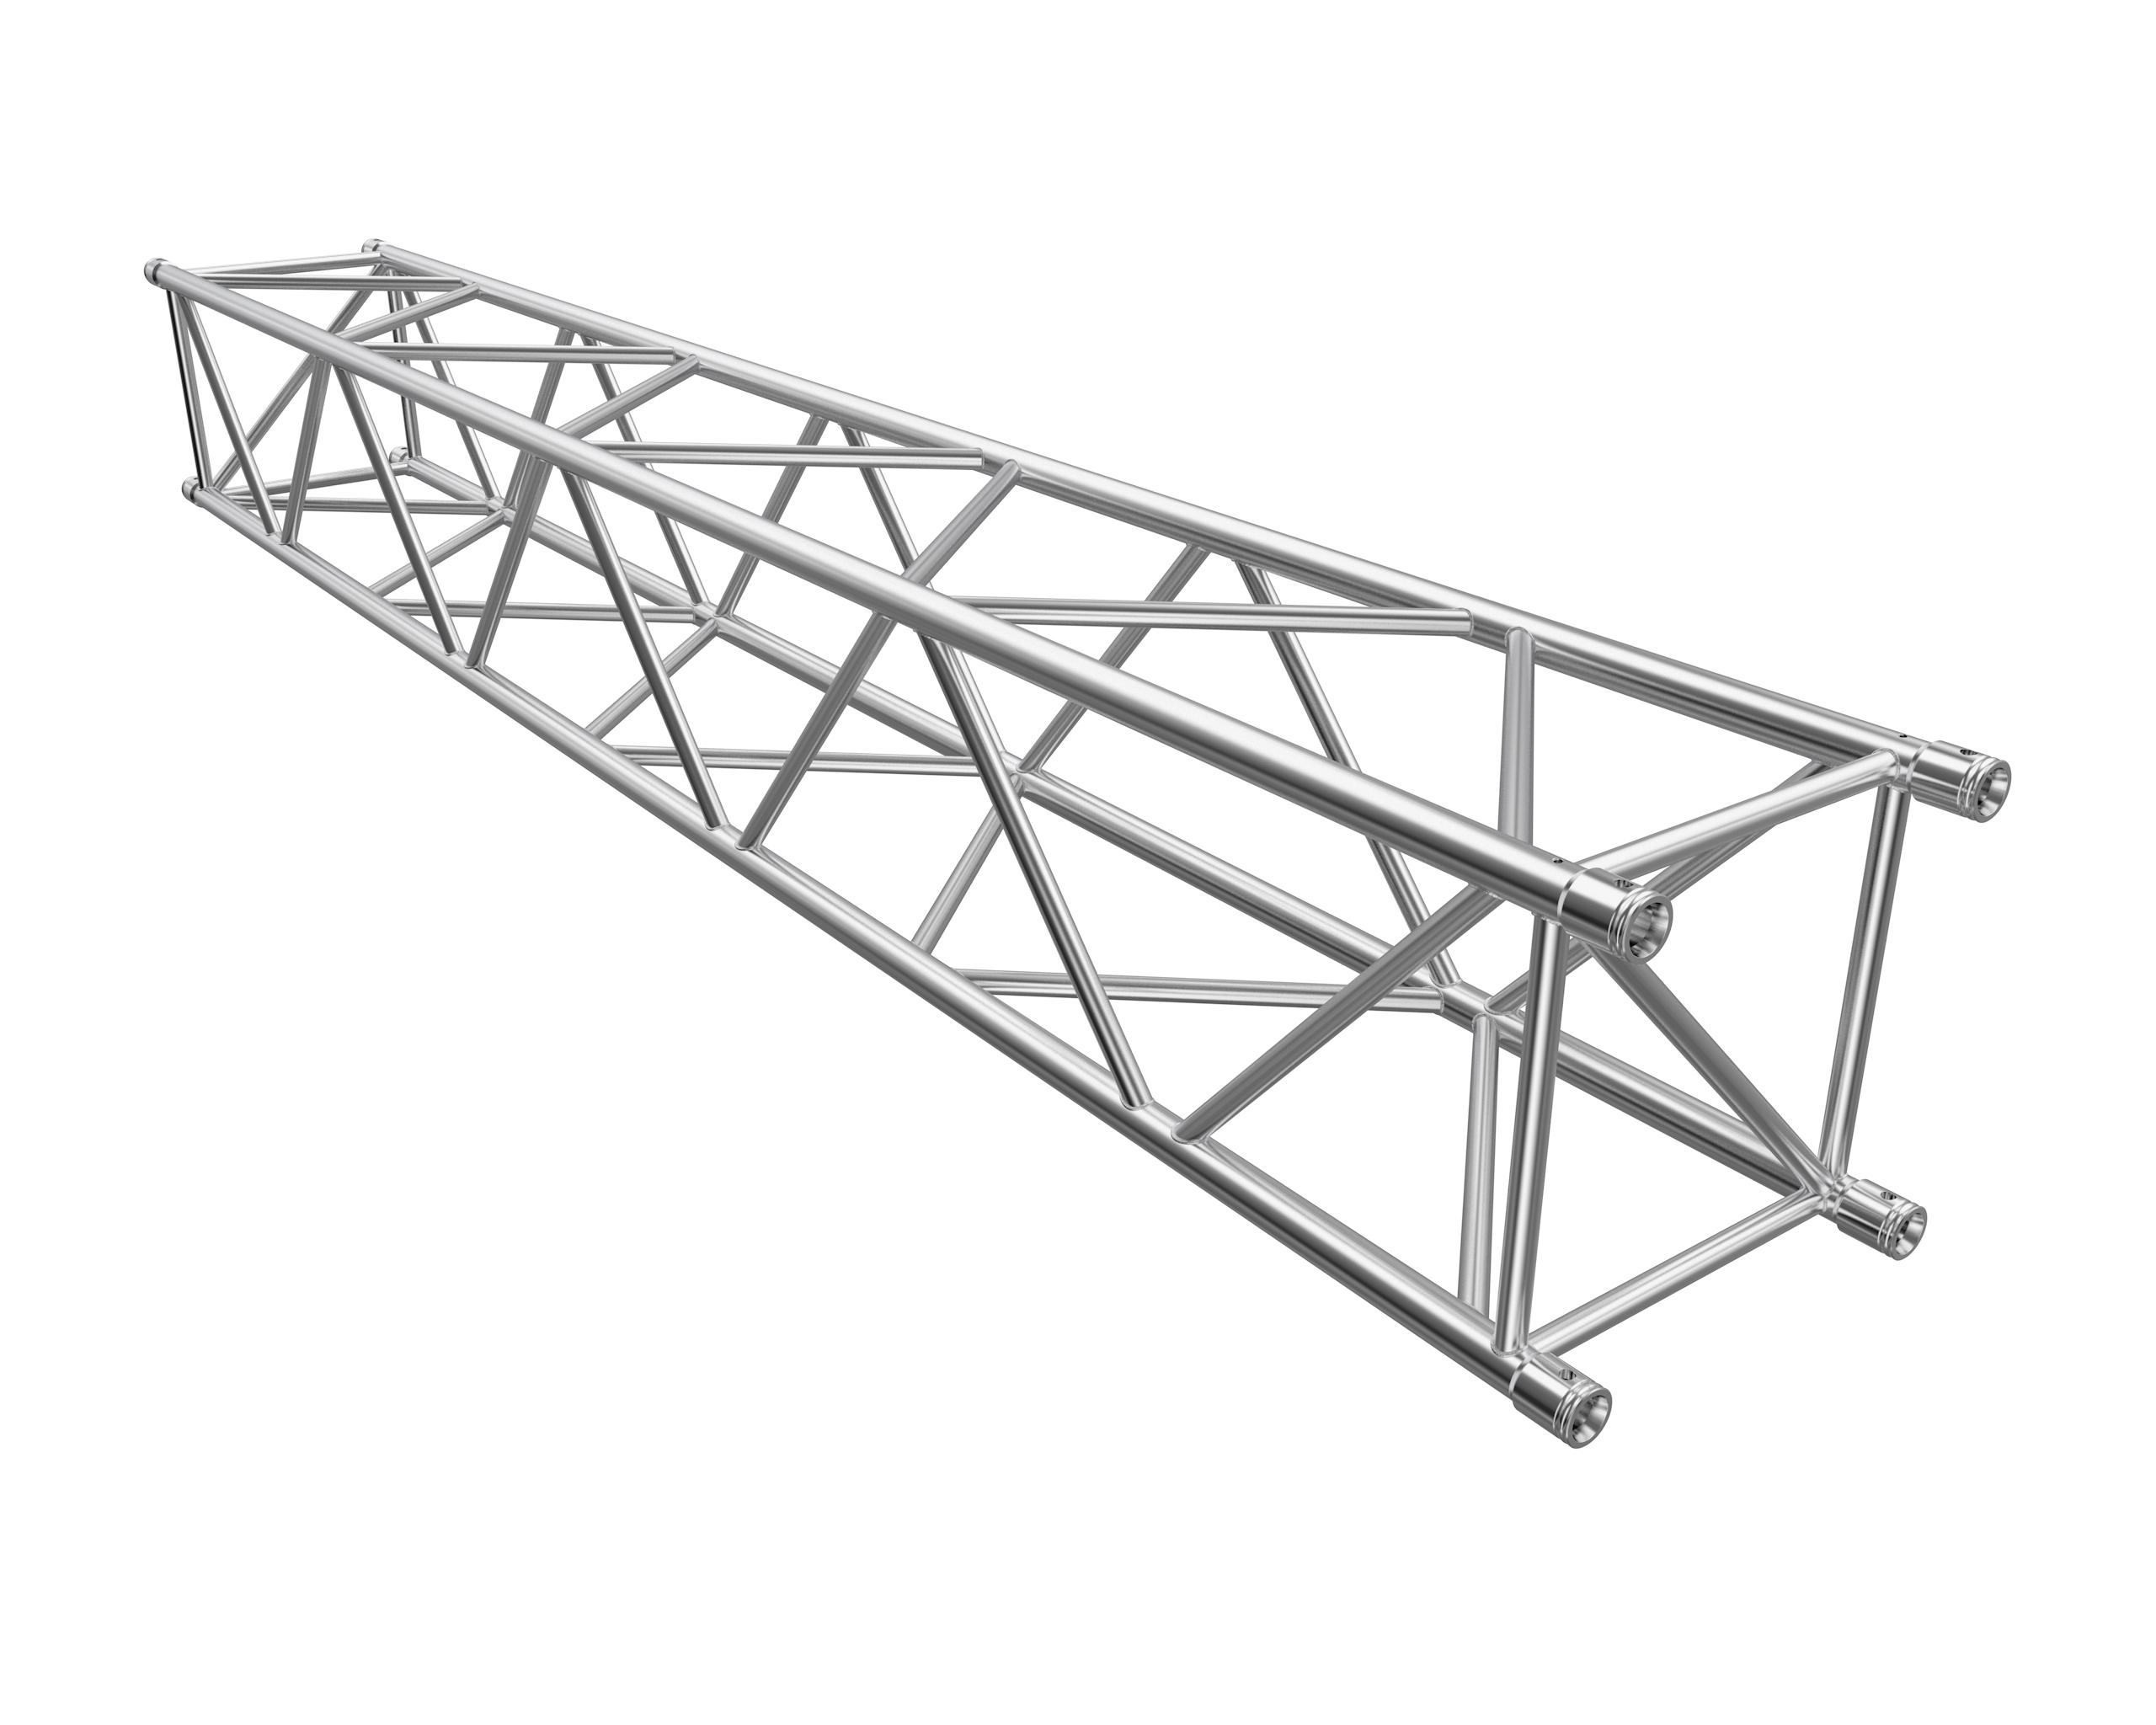 F54 400cm